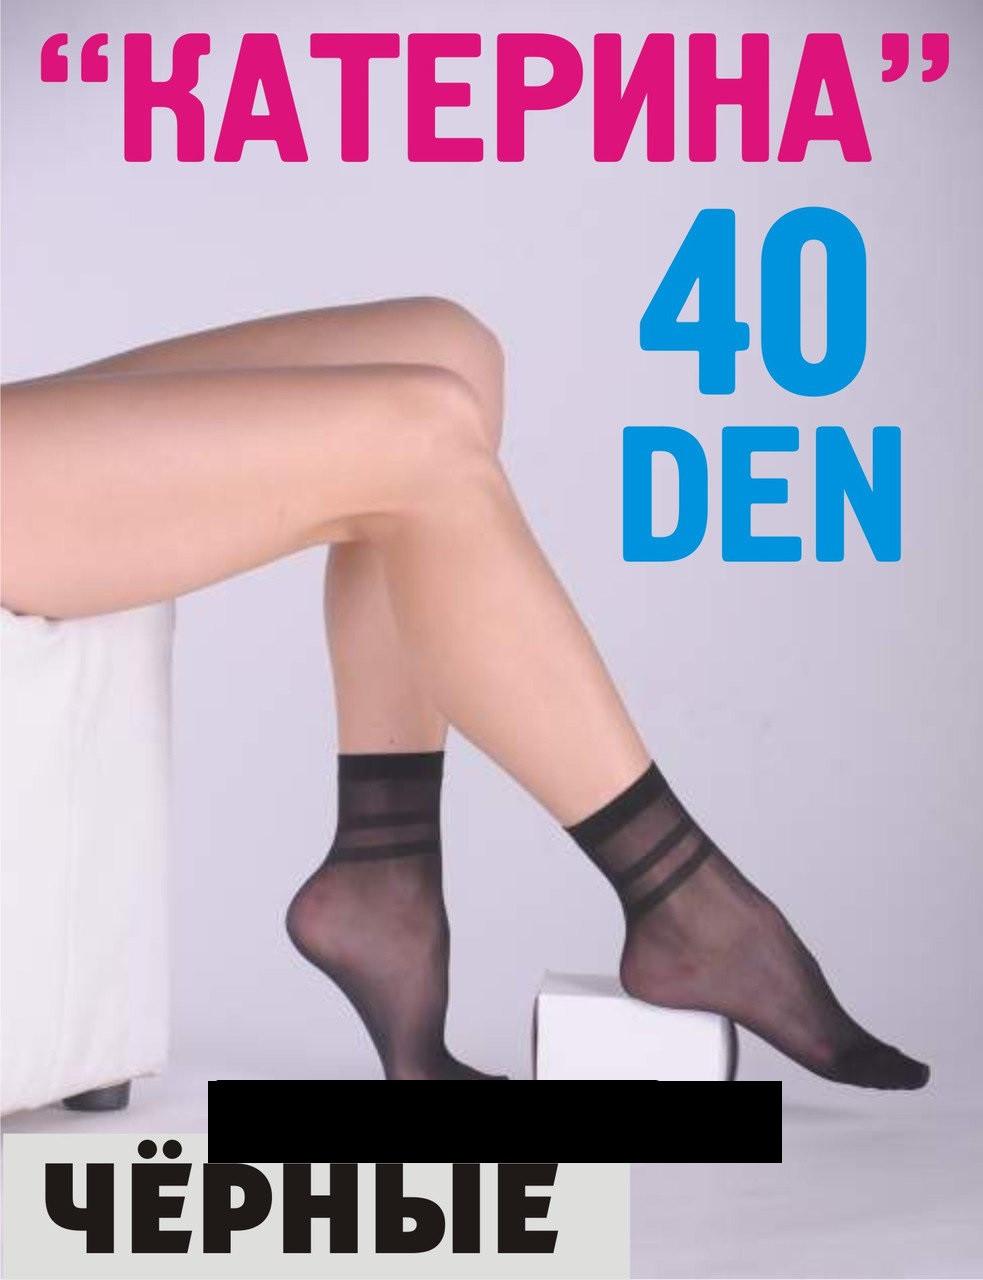 """Шкарпетки жіночі капронові """"Катерина"""" 40 ден .Колір чорний,смуги.Від 20шт по 2,90грн."""